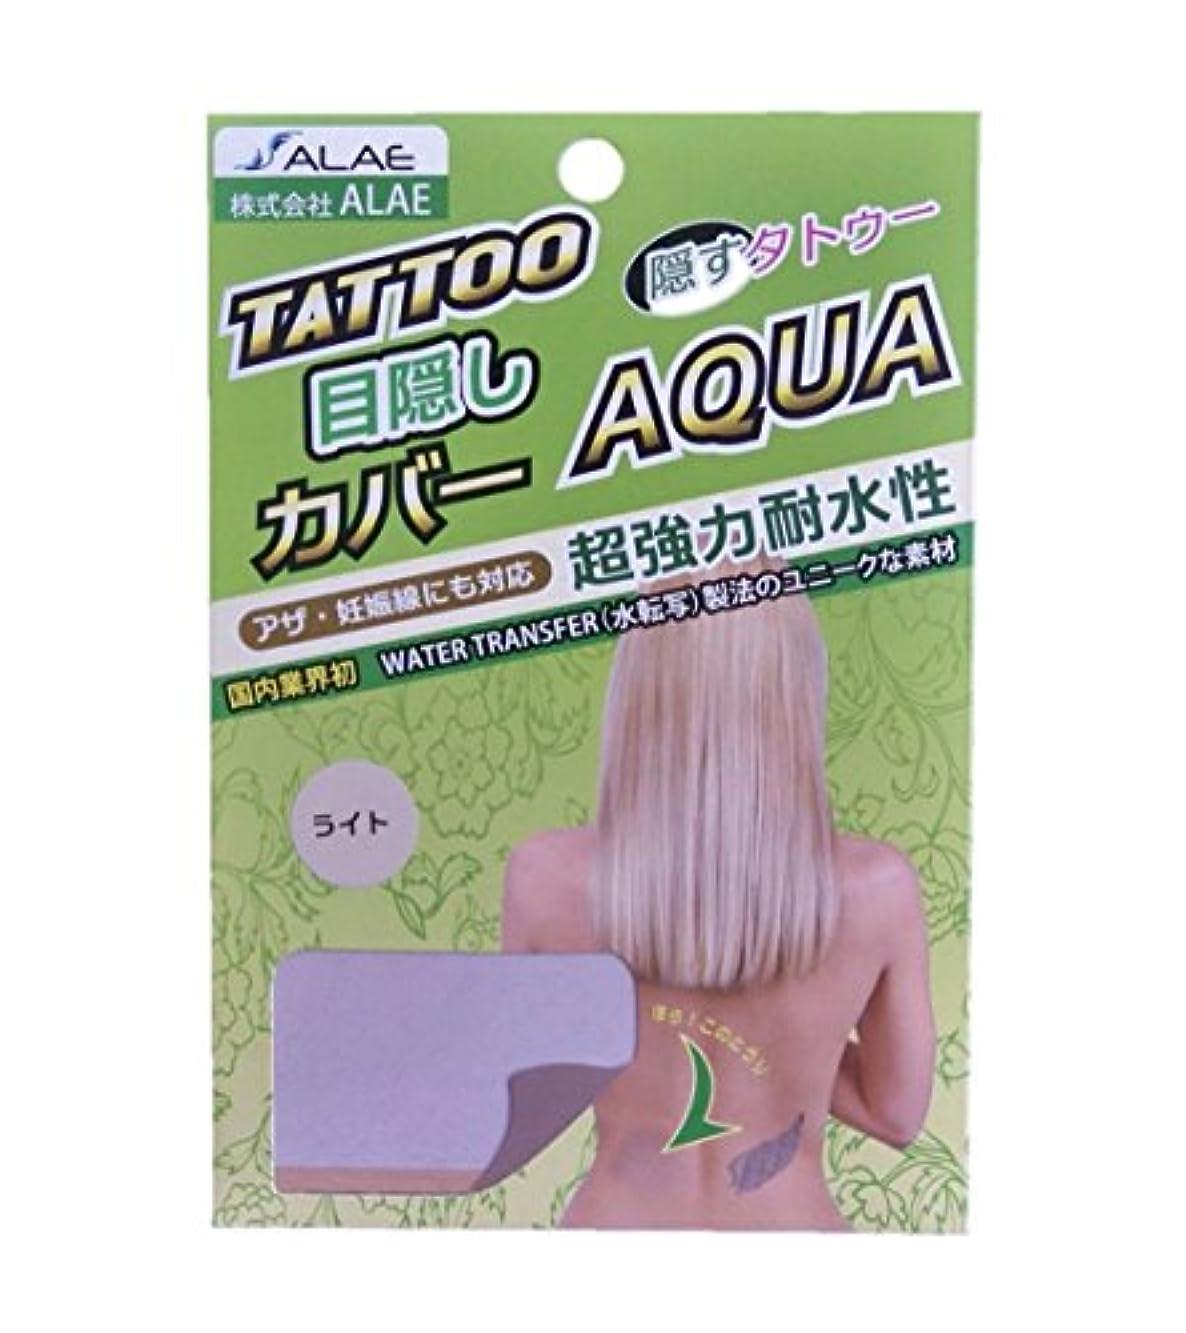 陽気なキー信頼性タトゥーカバーAQUA (ライト)